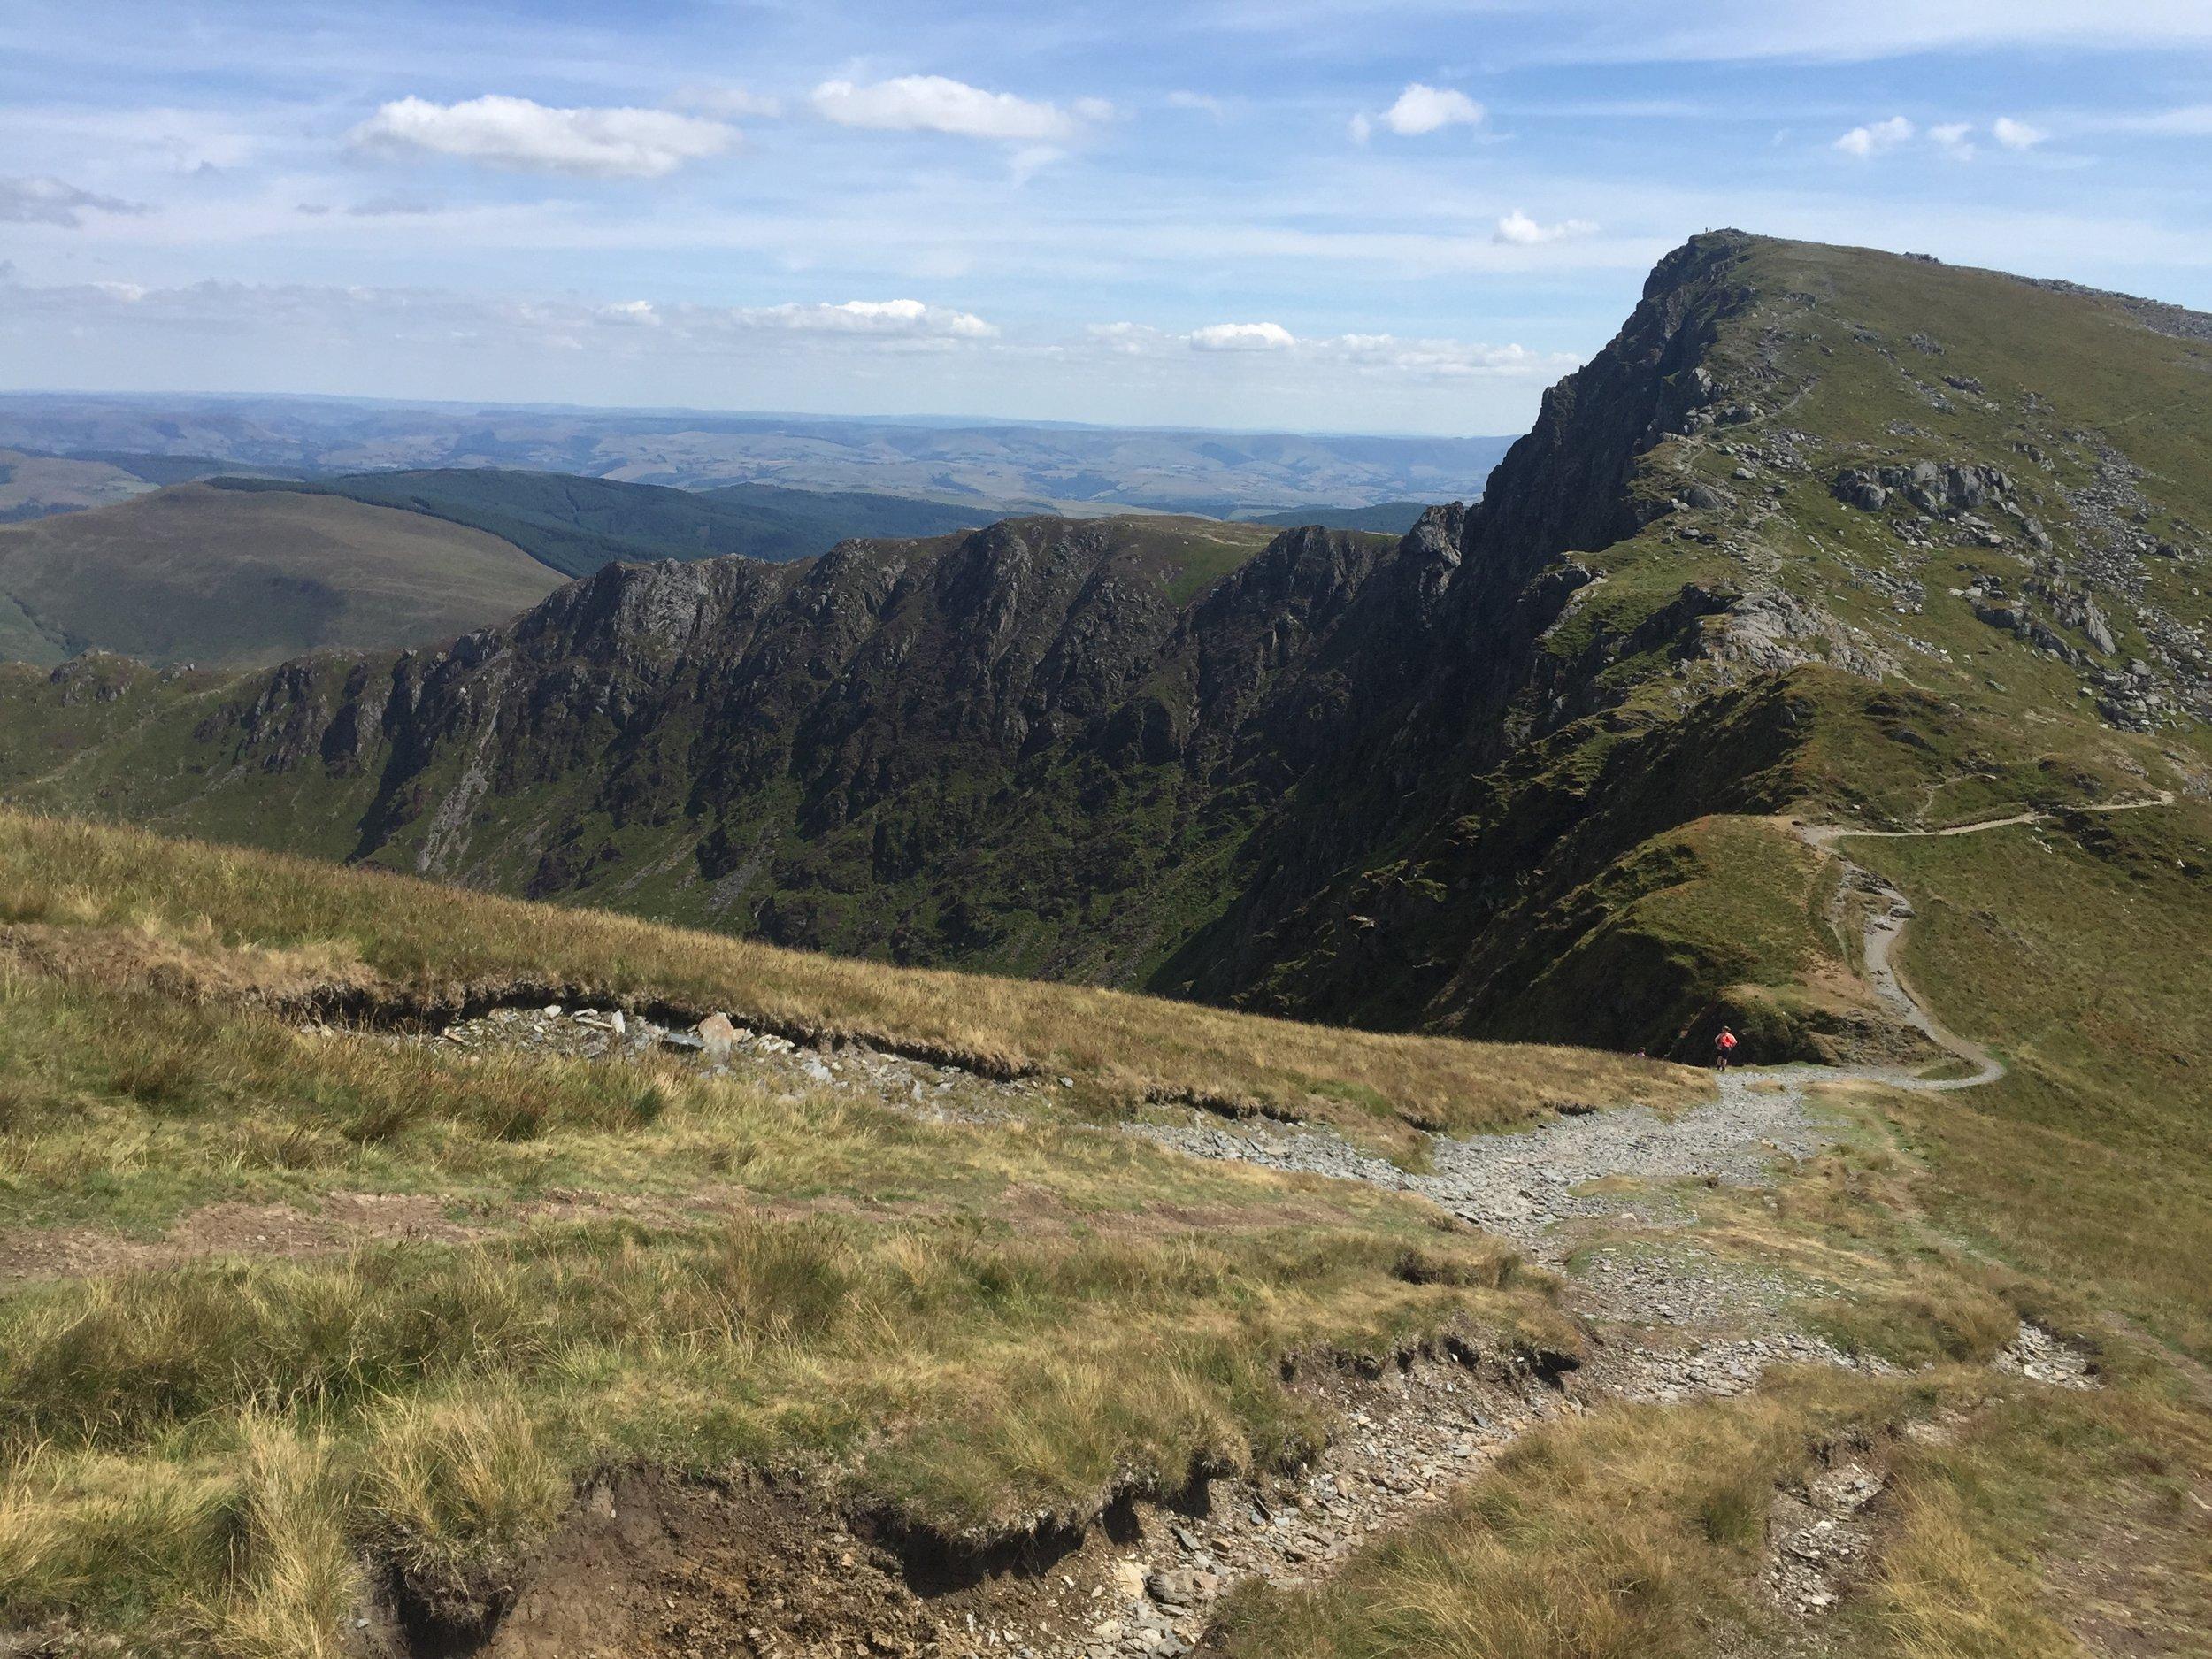 Near the summit of Cader Idris